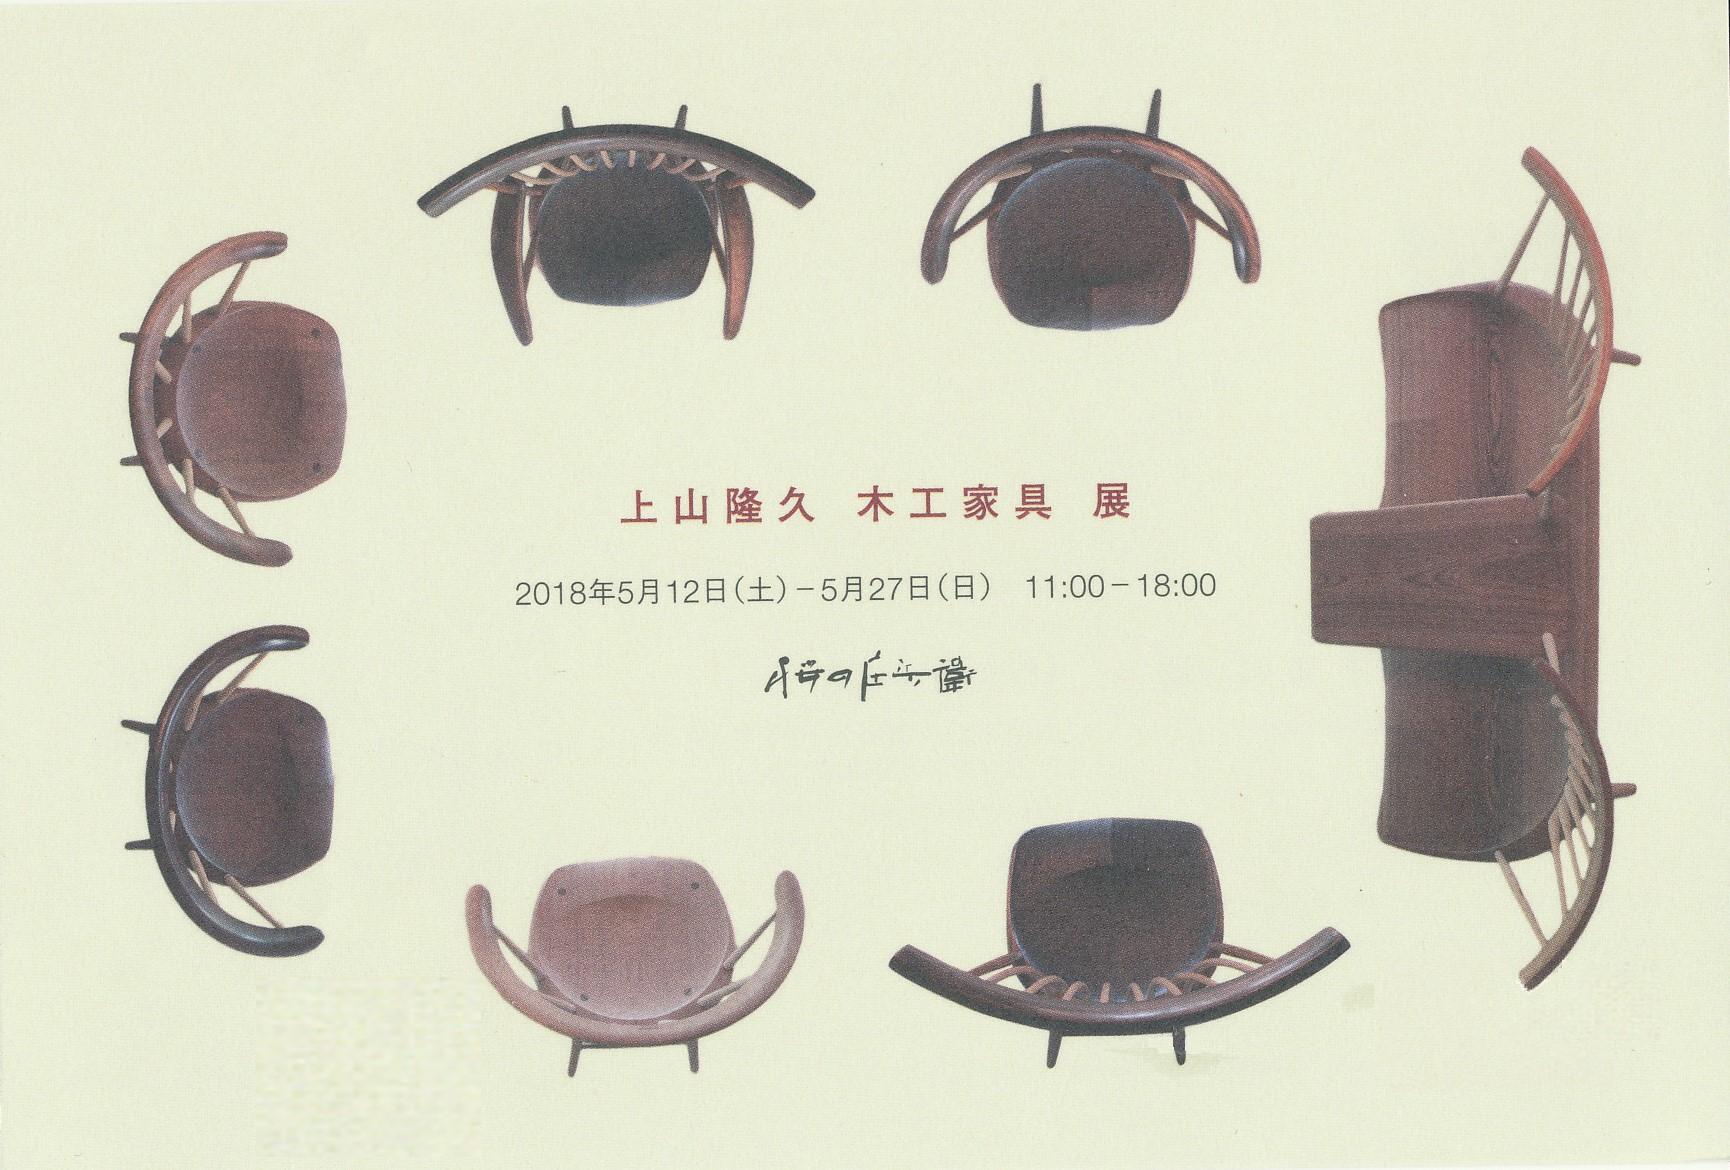 上山隆久木工展 が開催されます。5月12日(土)~5月27日(日)